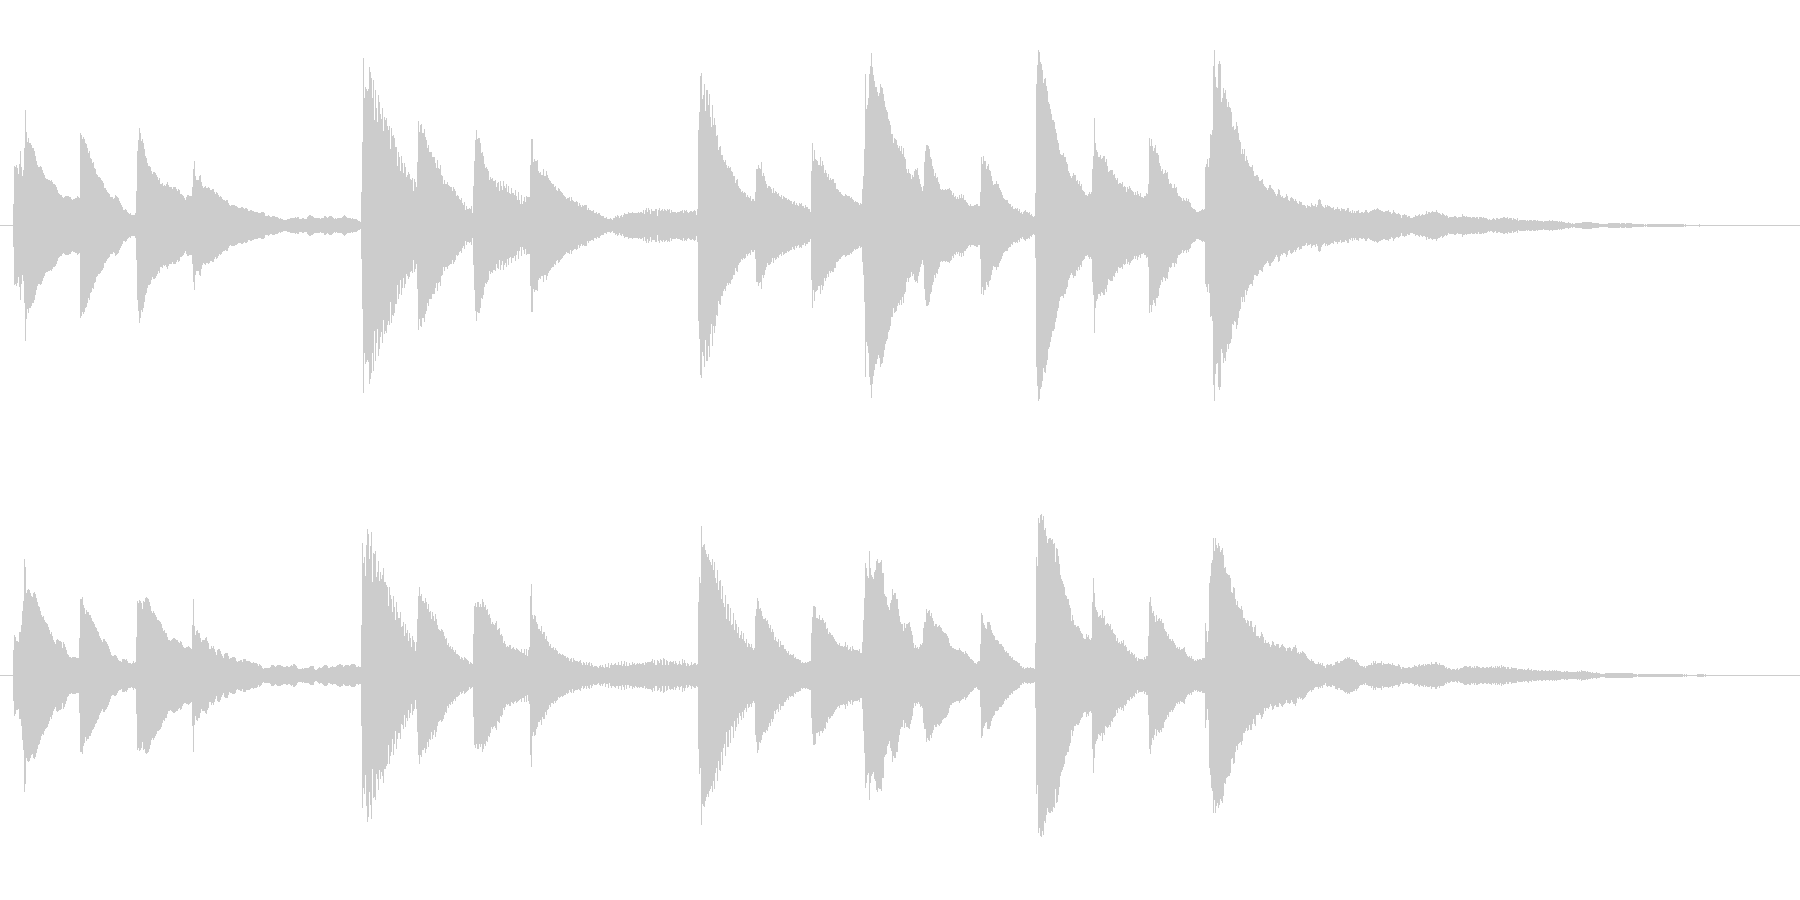 ピアノソロのジングル ヒーリングの未再生の波形